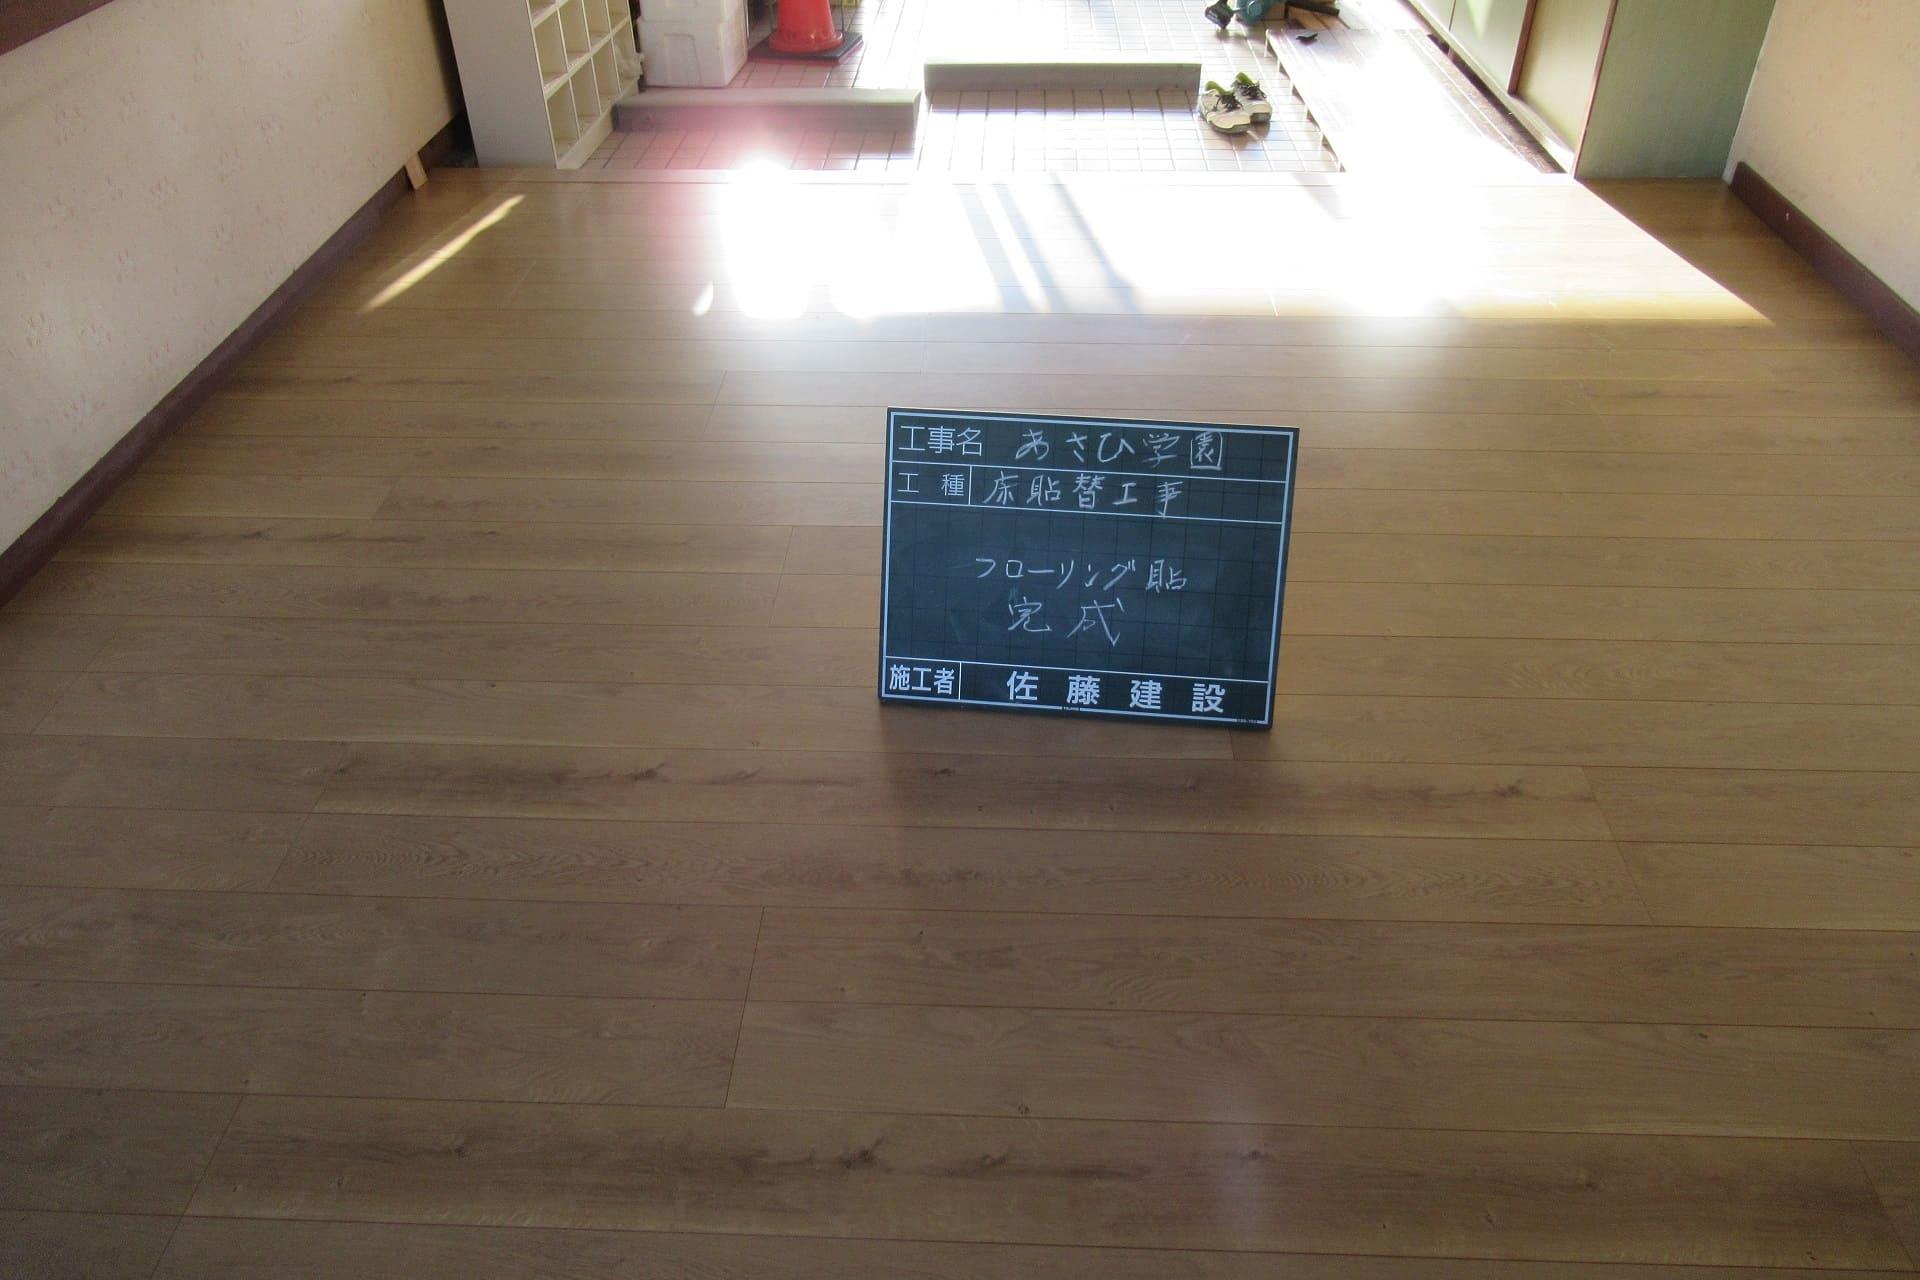 あさひ学園(門川町)